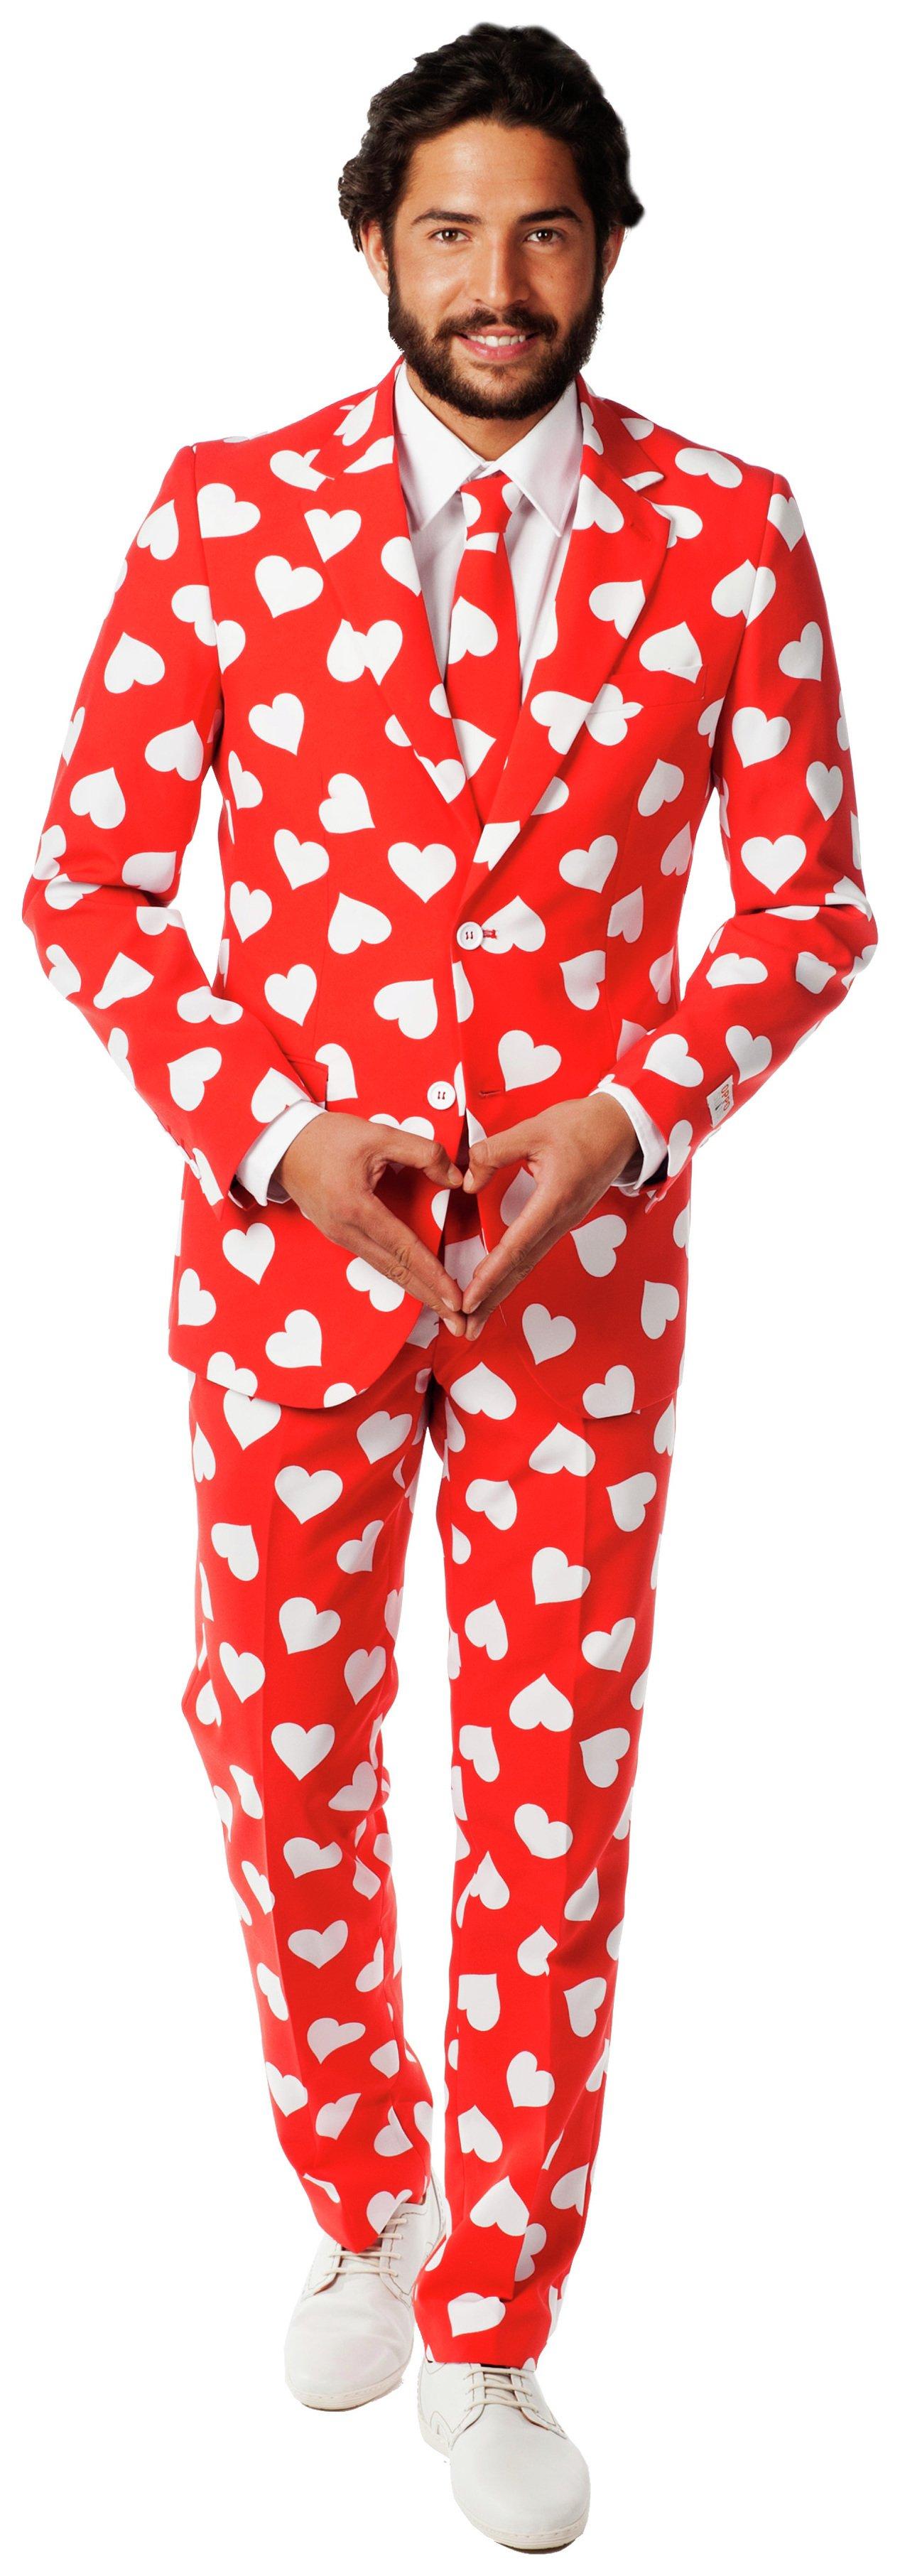 opposuit-mr-lover-lover-suit-chest-42